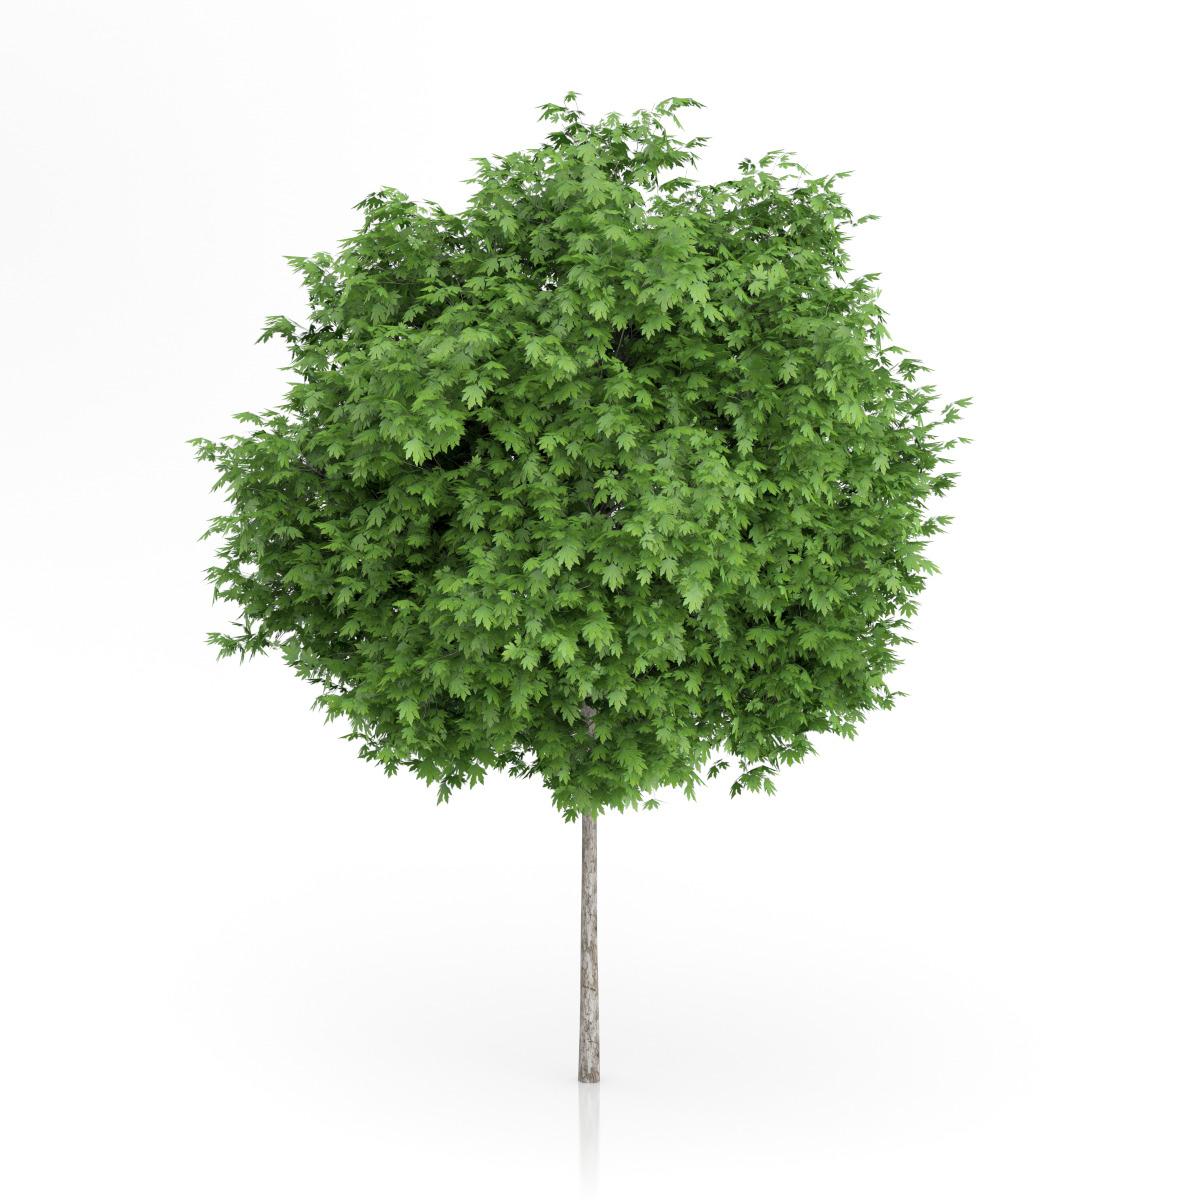 London Plane Tree (Platanus × acerifolia) 5.5m by CGAxis ...